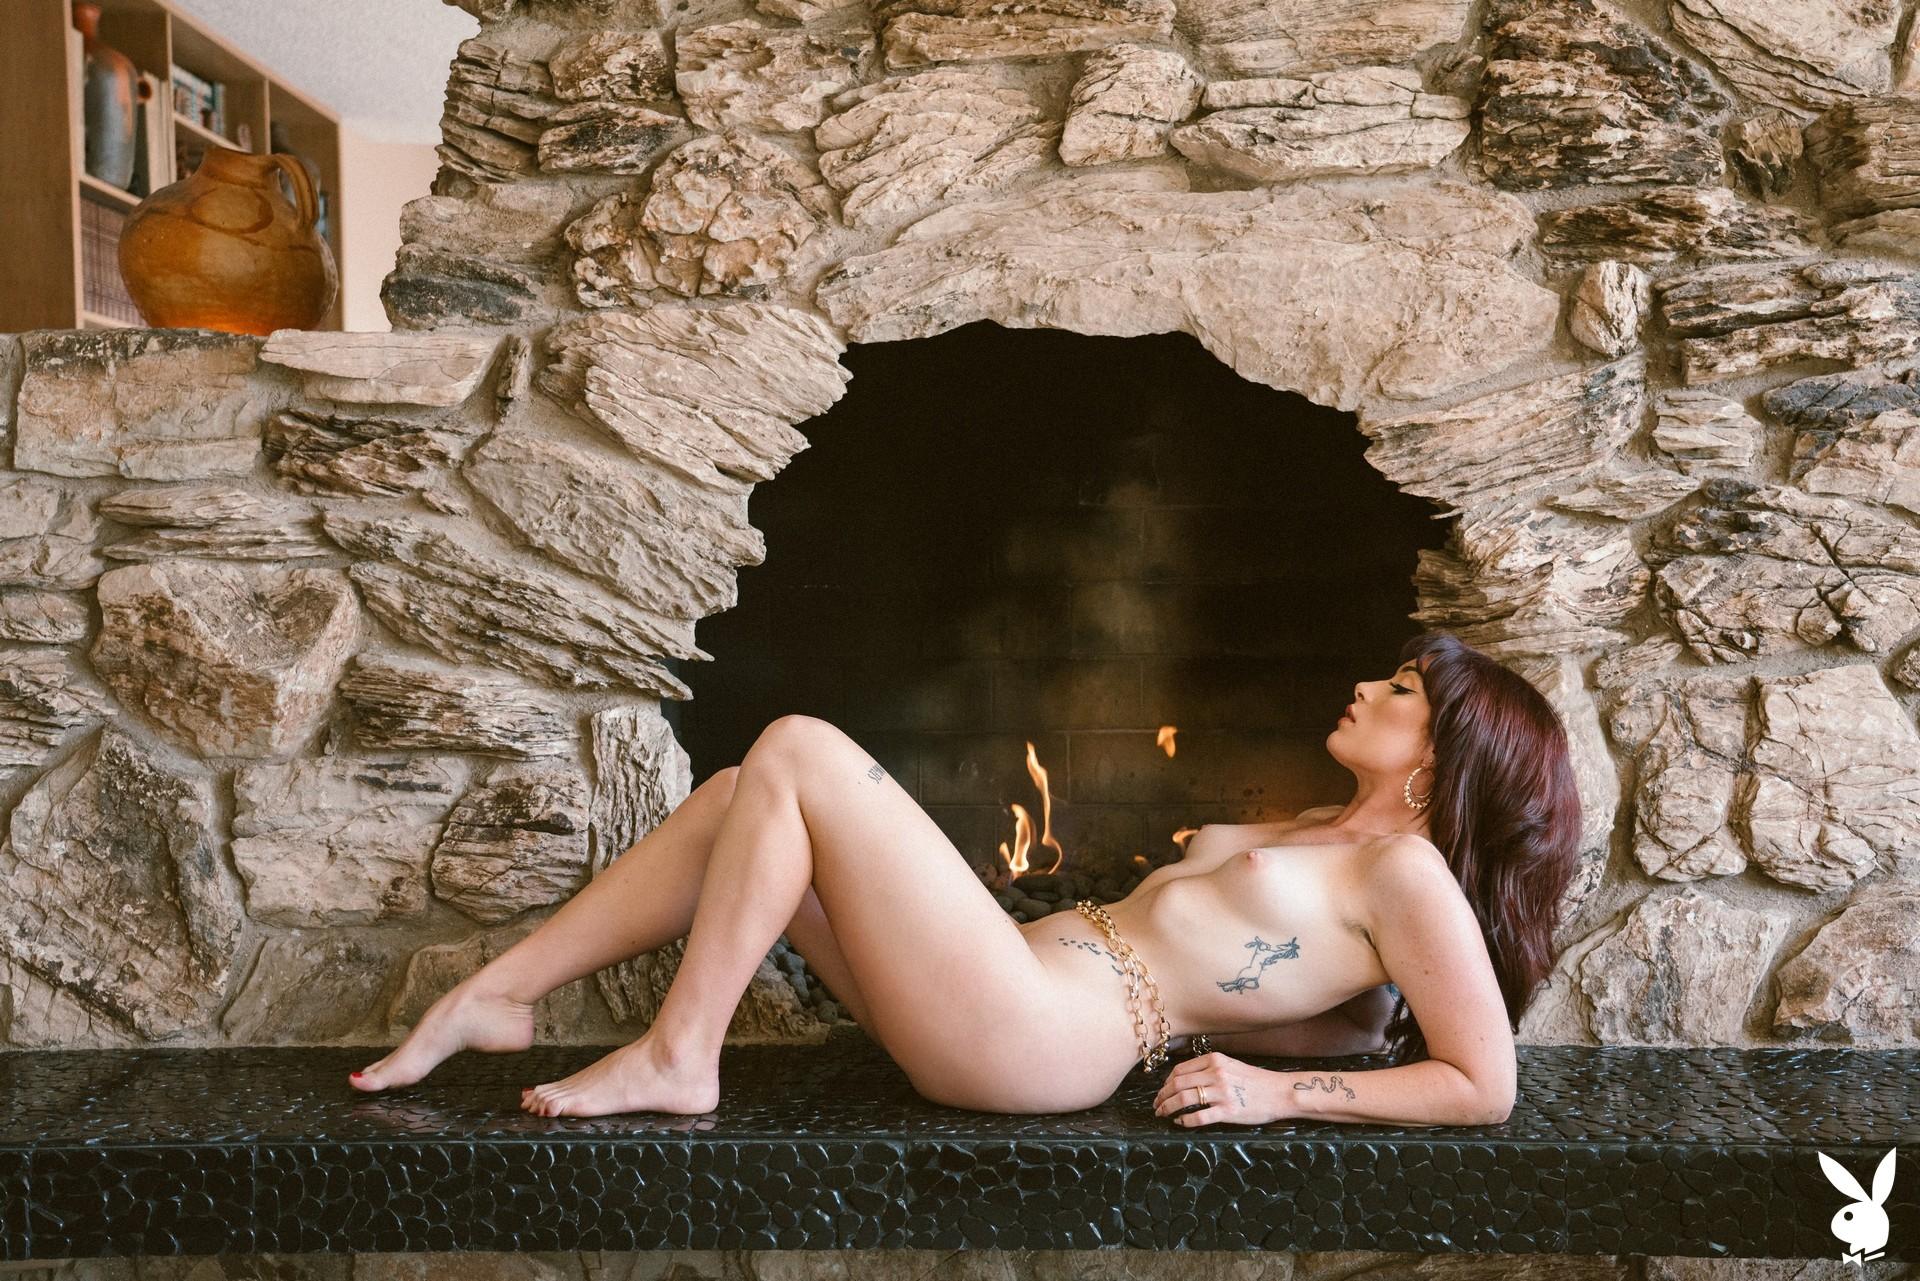 Kenna In Warm Invitation Playboy Plus (28)